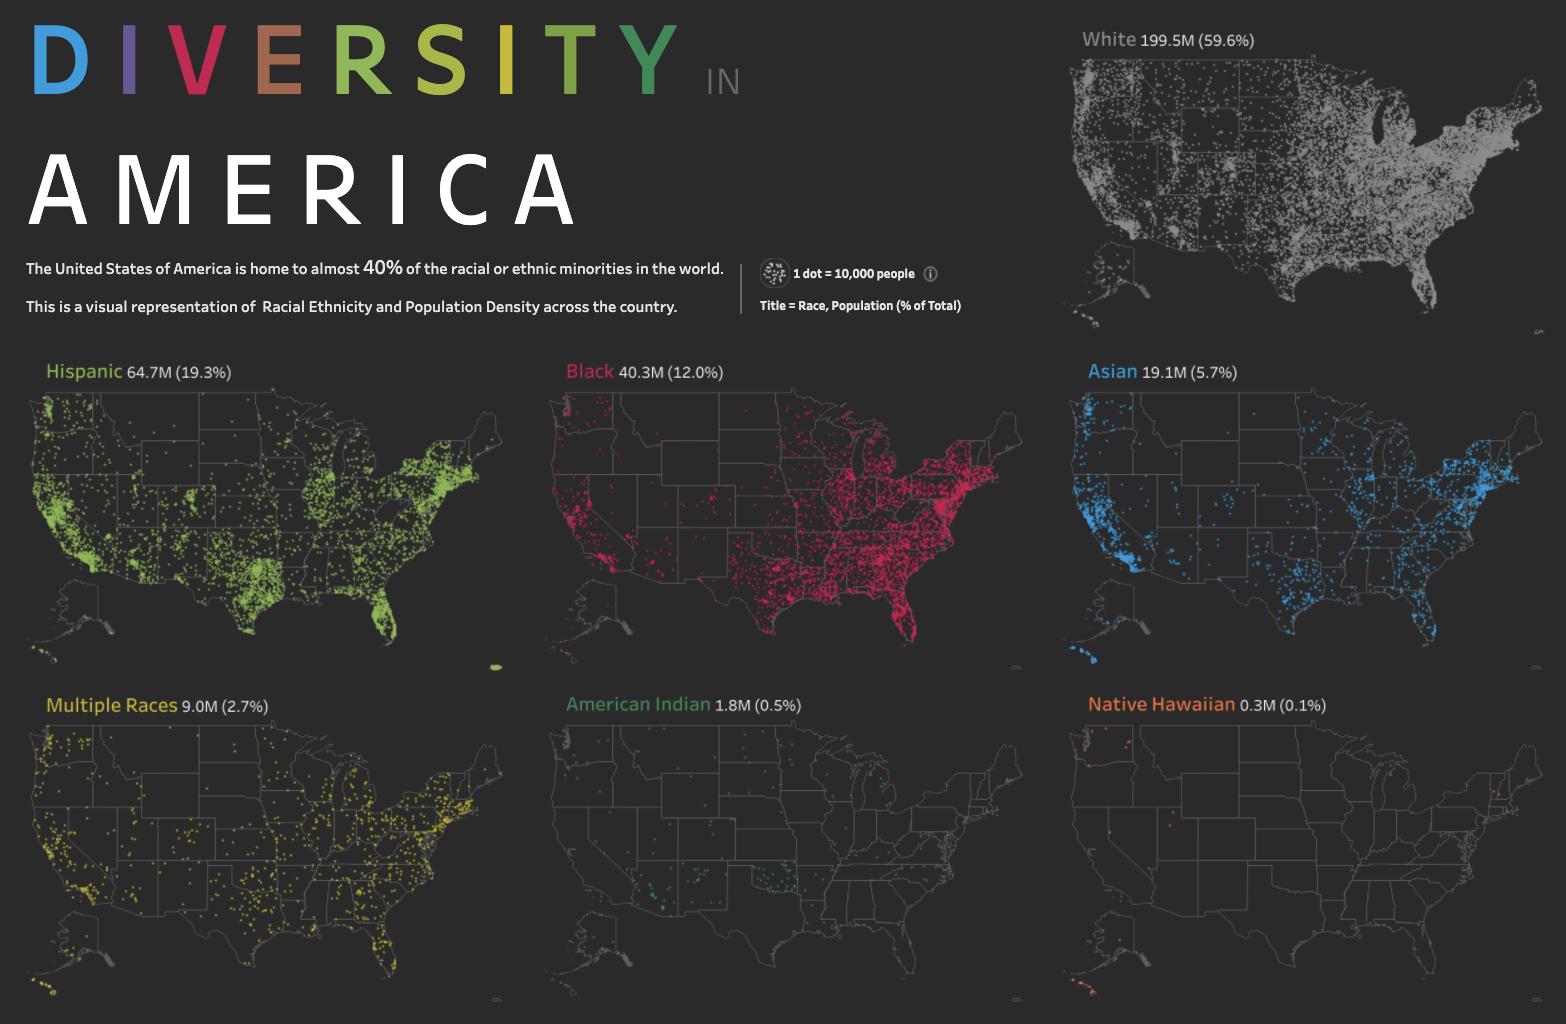 Diversity in America Visualization